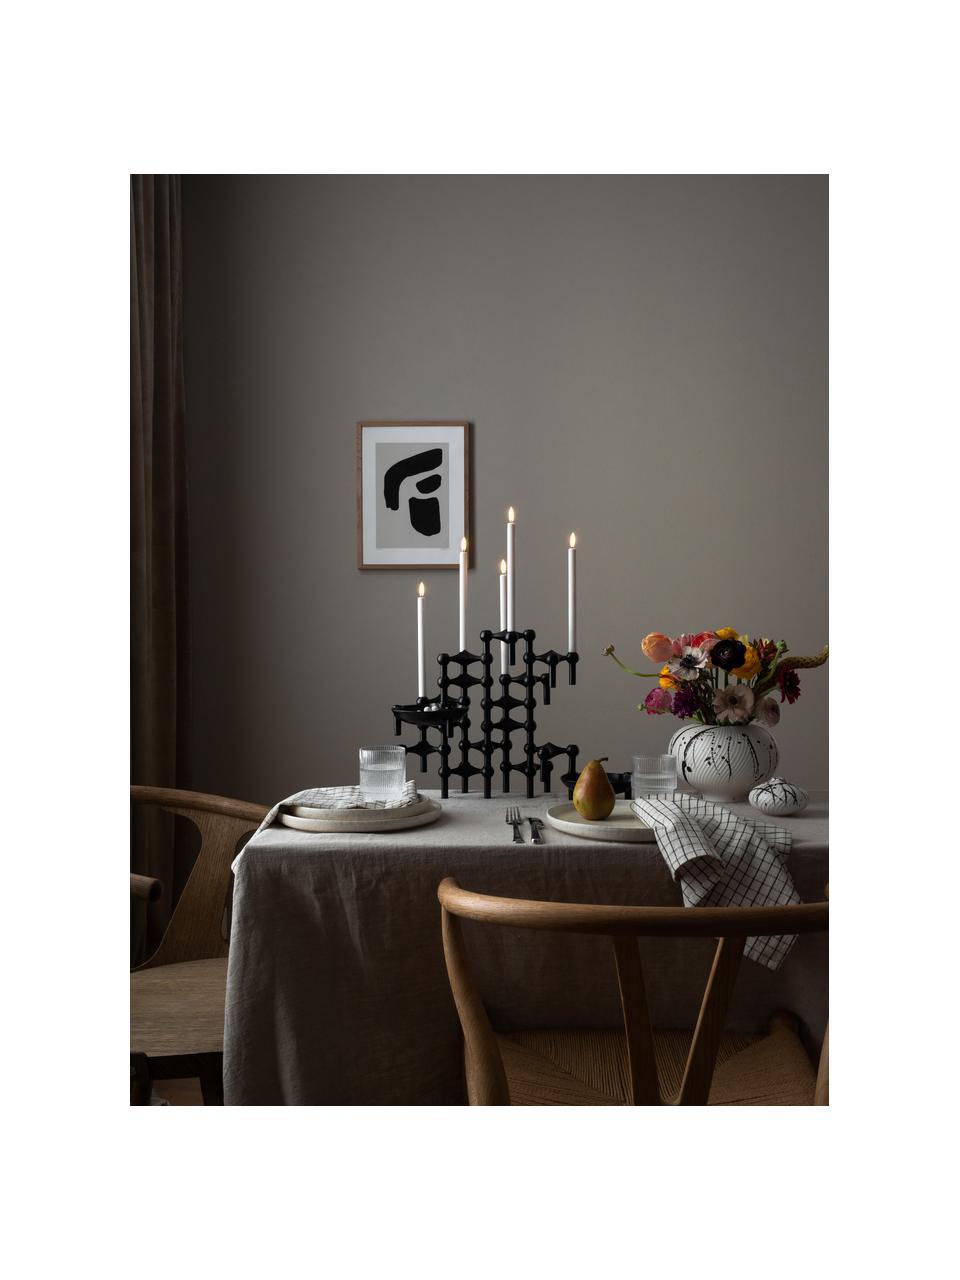 Kerzenhalter Stoff Nagel, 3-er Set, Metall, beschichtet, Schwarz, Ø 10 x H 7 cm